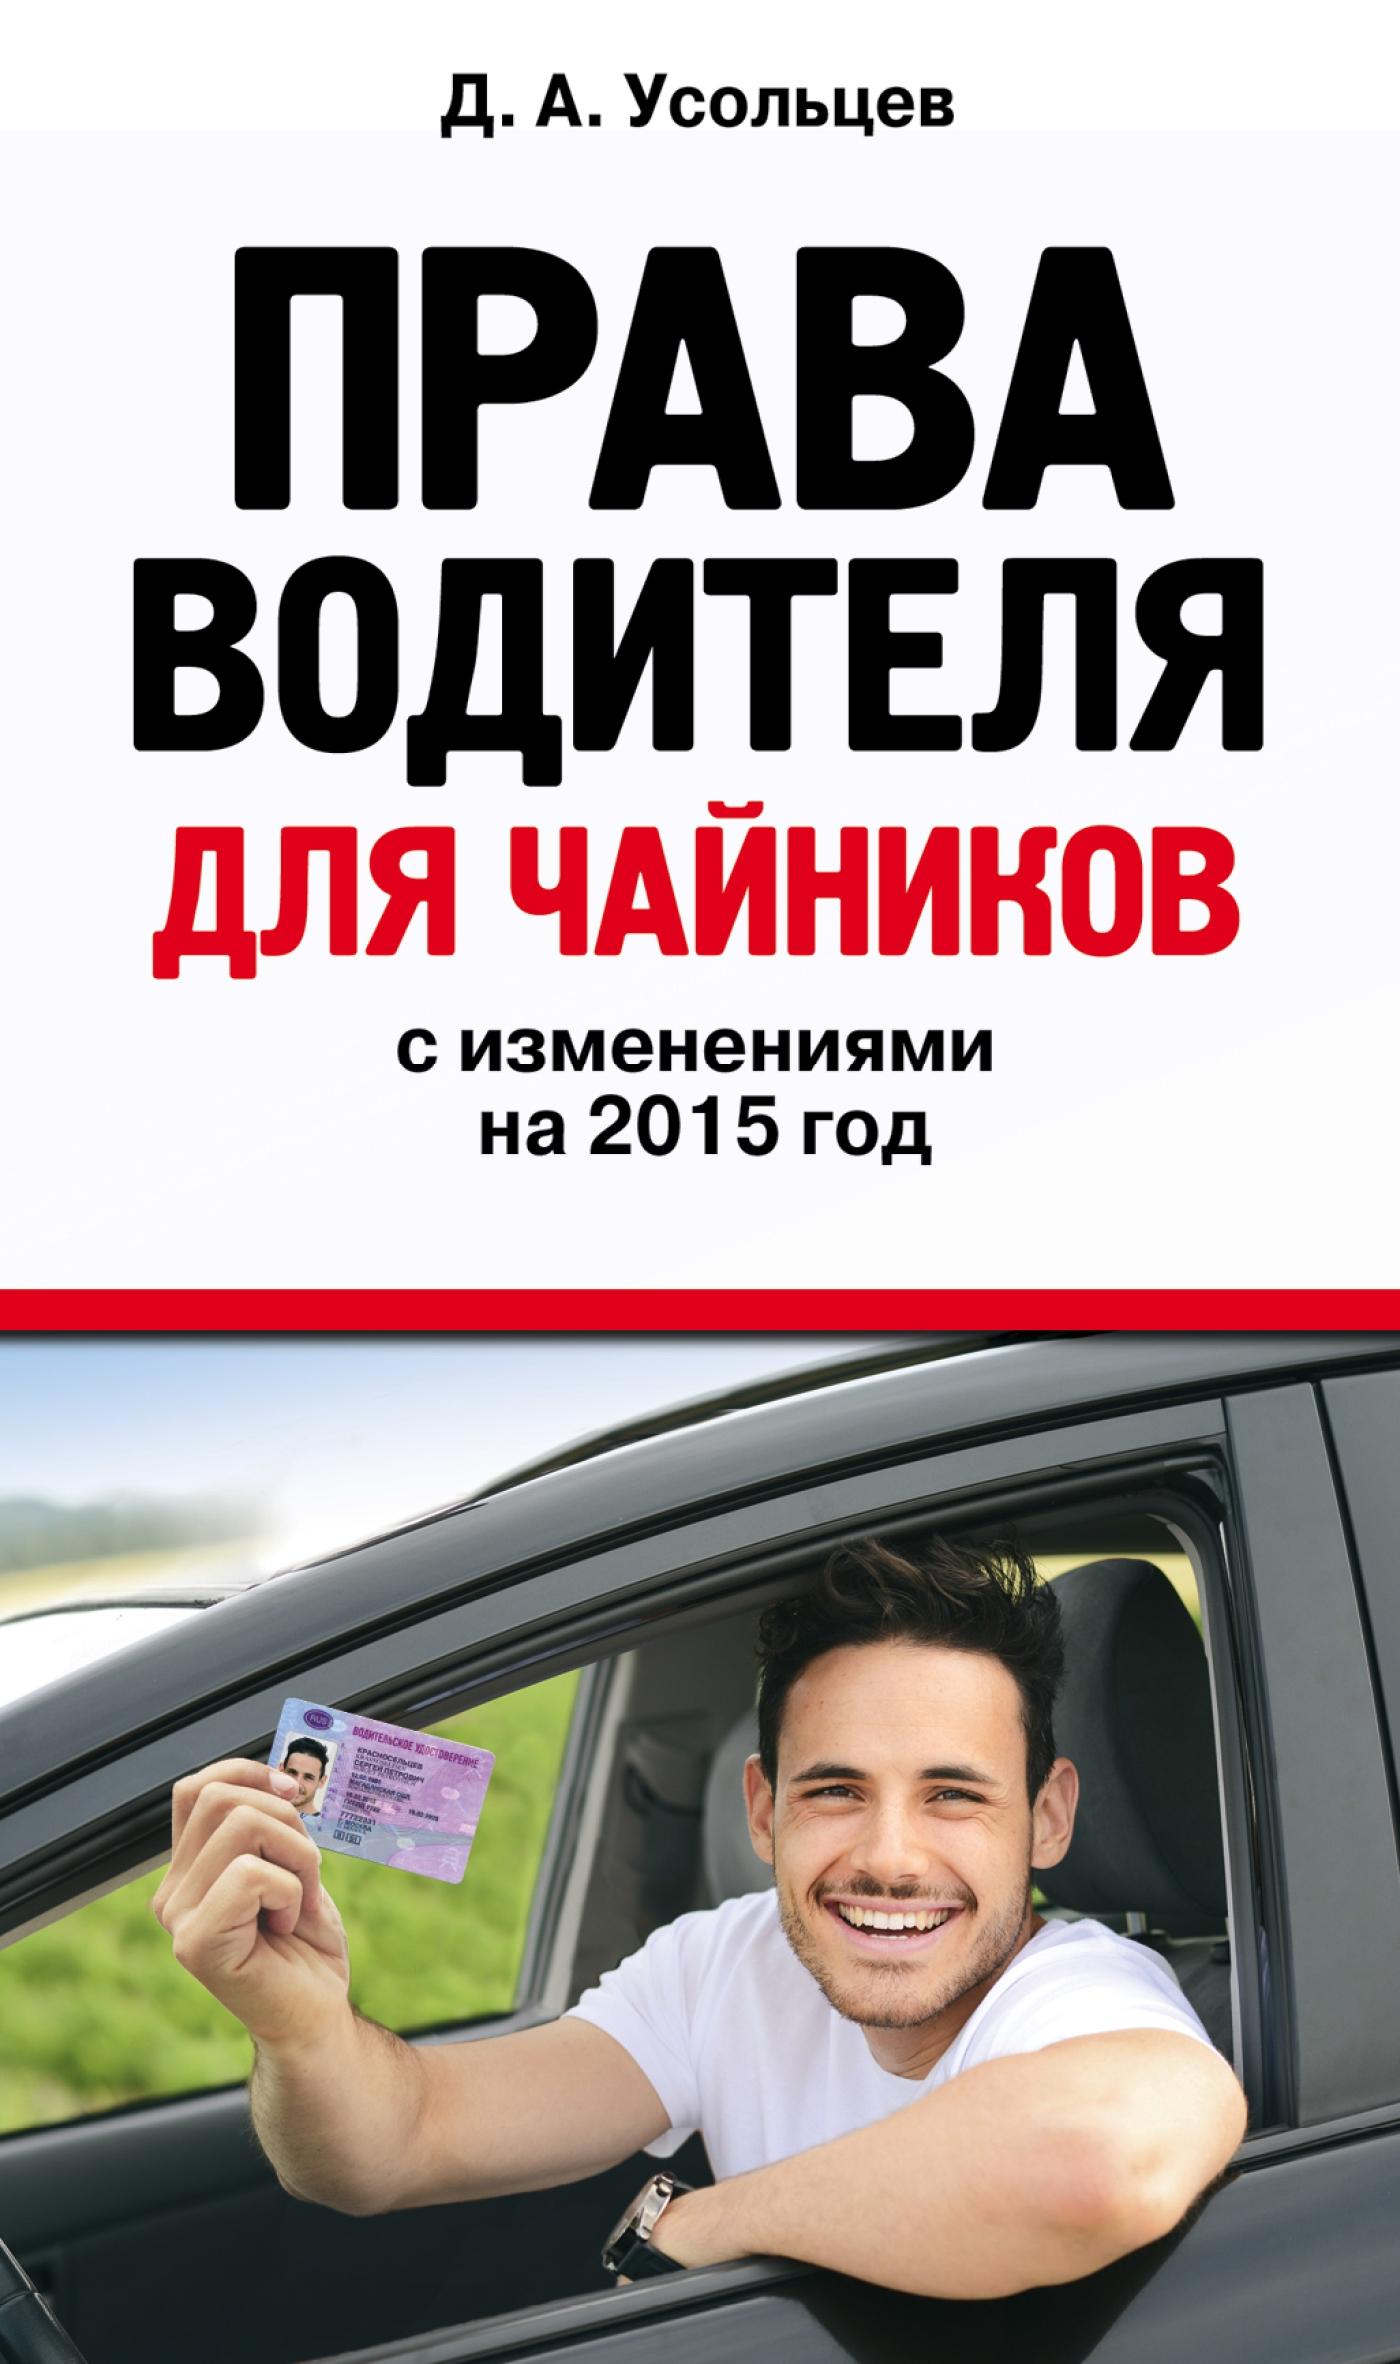 Дмитрий Усольцев Права водителя для чайников с изменениями на 2015 год д а усольцев права водителя для чайников с изменениями на 2018 год